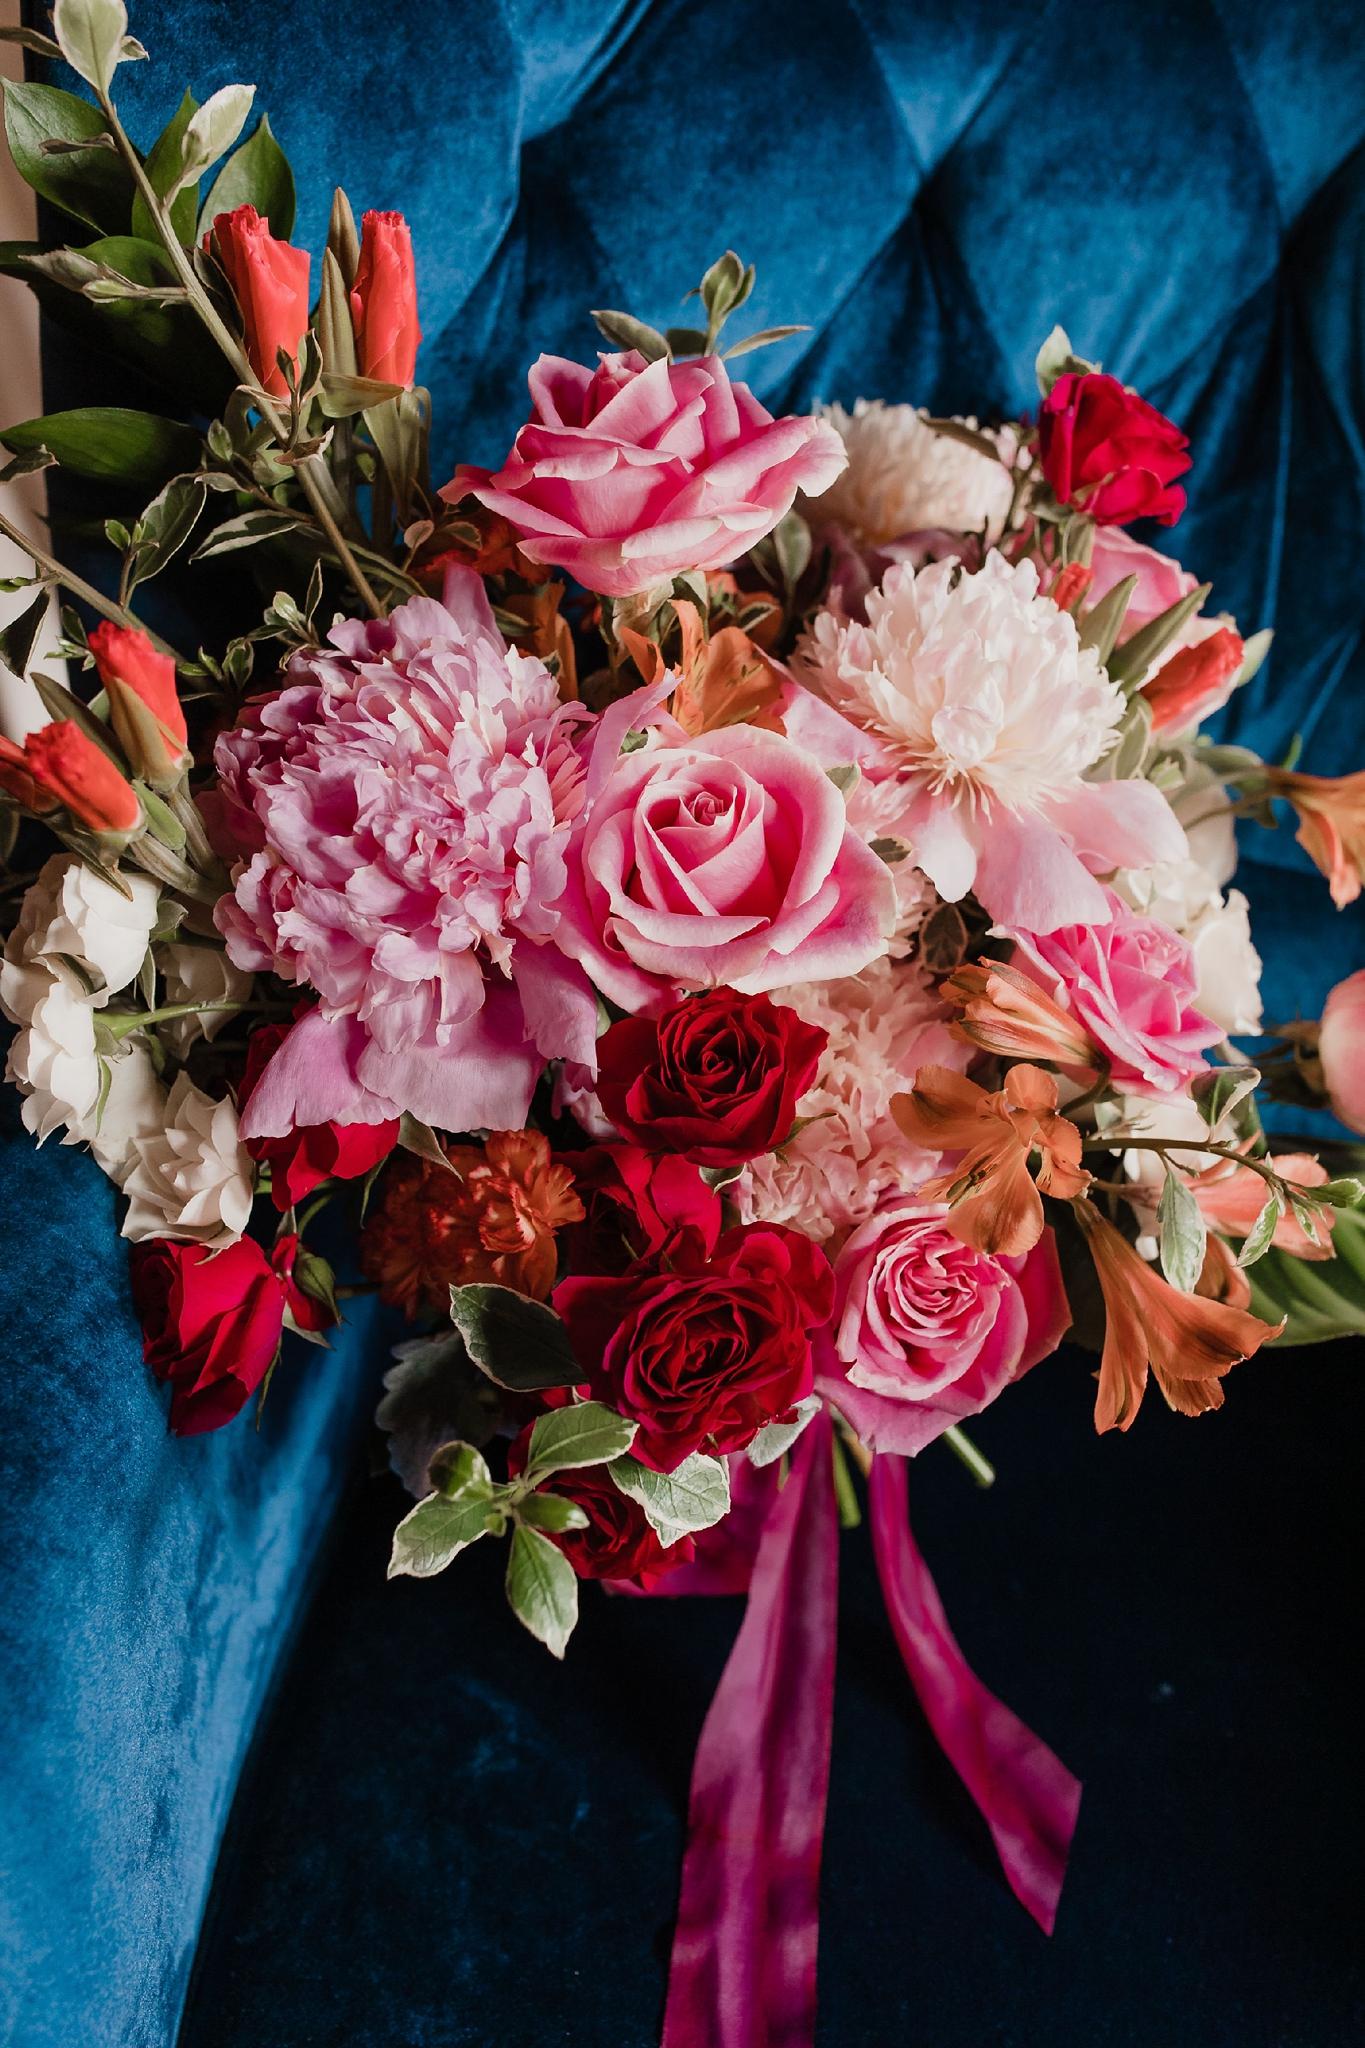 Alicia+lucia+photography+-+albuquerque+wedding+photographer+-+santa+fe+wedding+photography+-+new+mexico+wedding+photographer+-+new+mexico+wedding+-+summer+wedding+-+summer+wedding+florals+-+southwest+wedding_0023.jpg